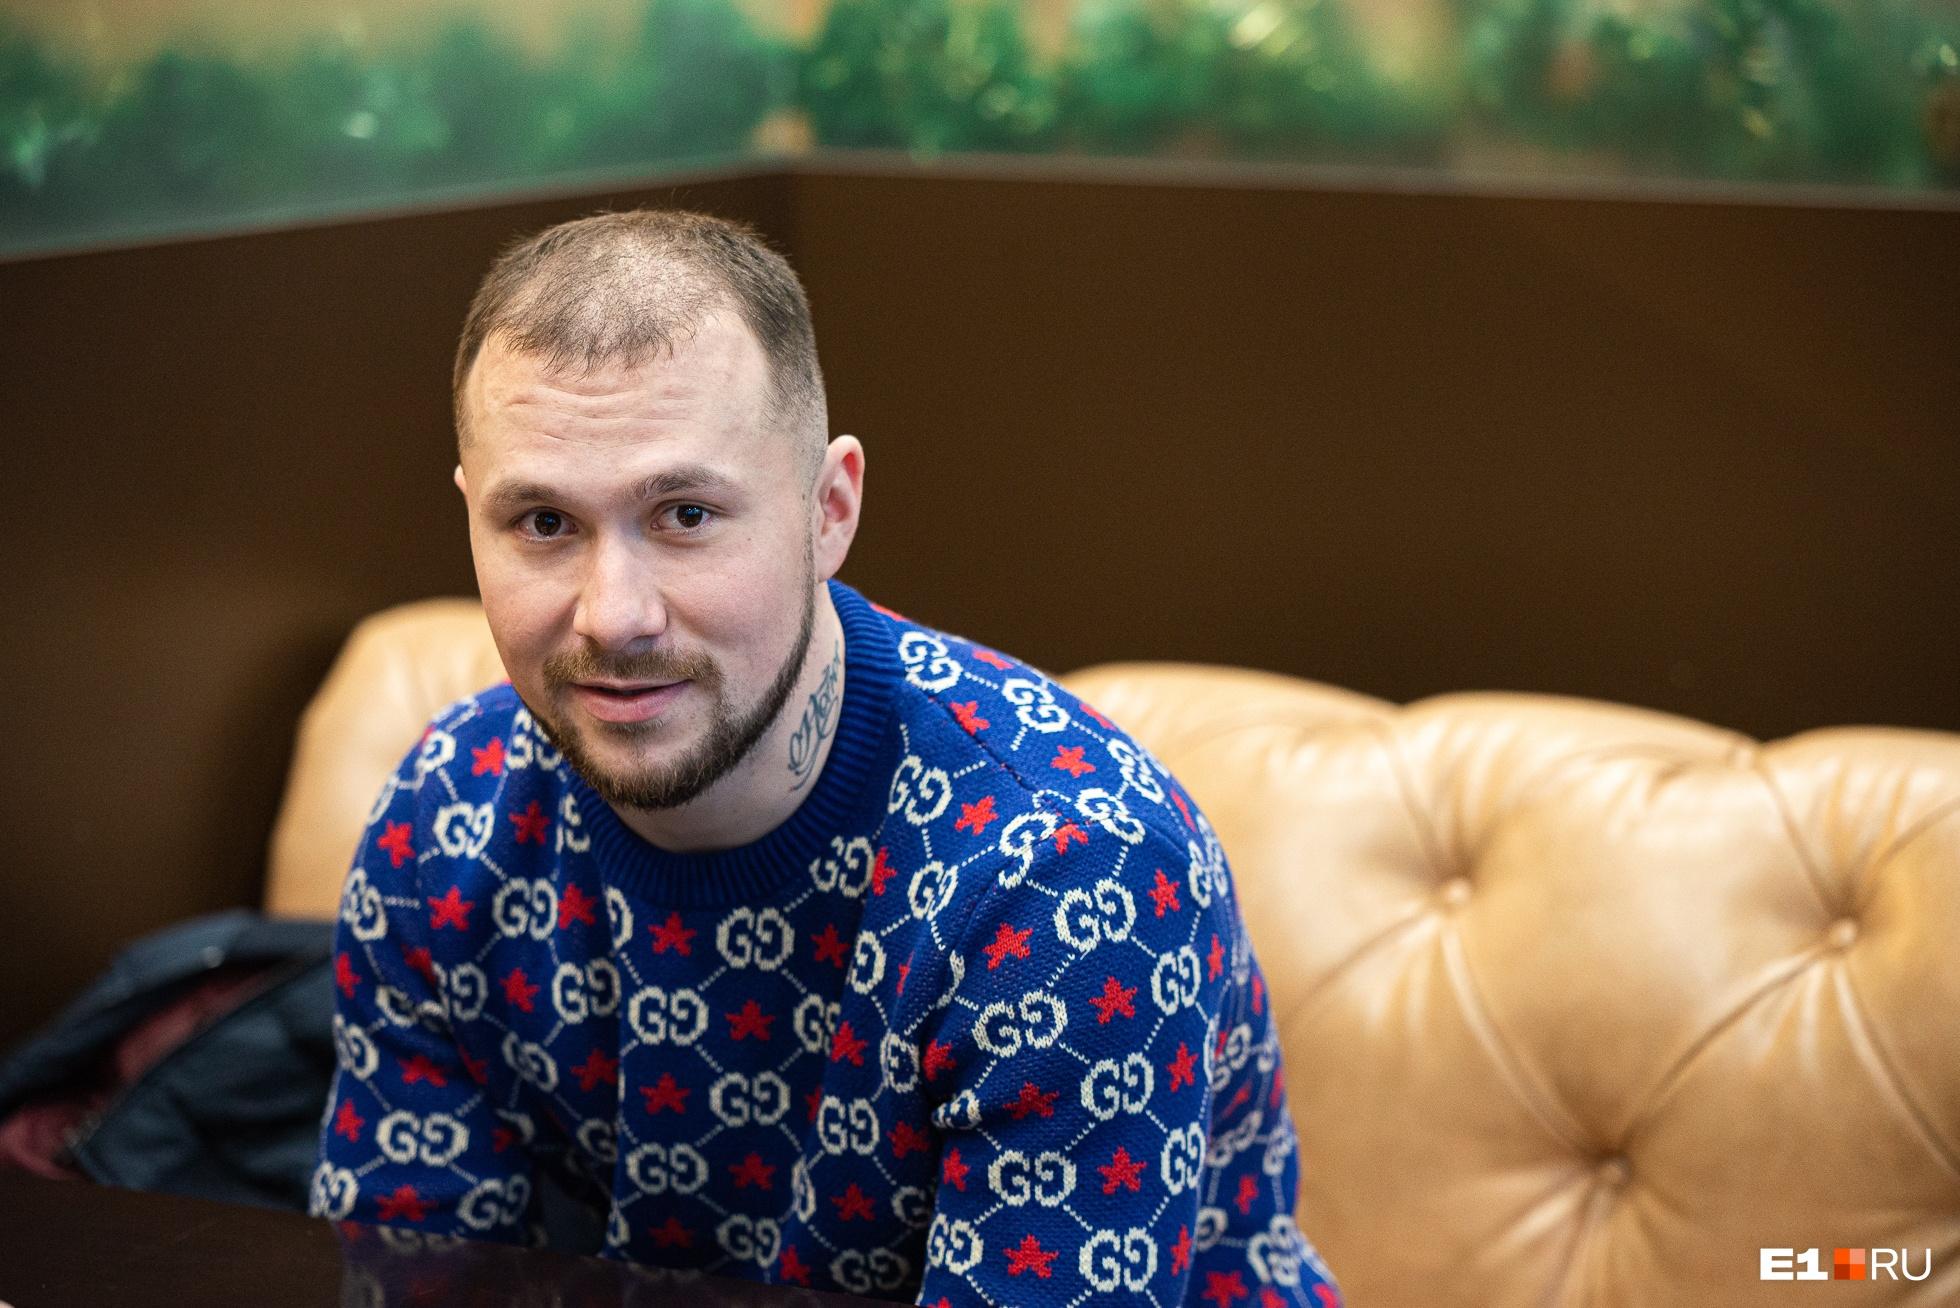 Со своей женой Анатолий Голышев познакомился, когда ему было 16 лет